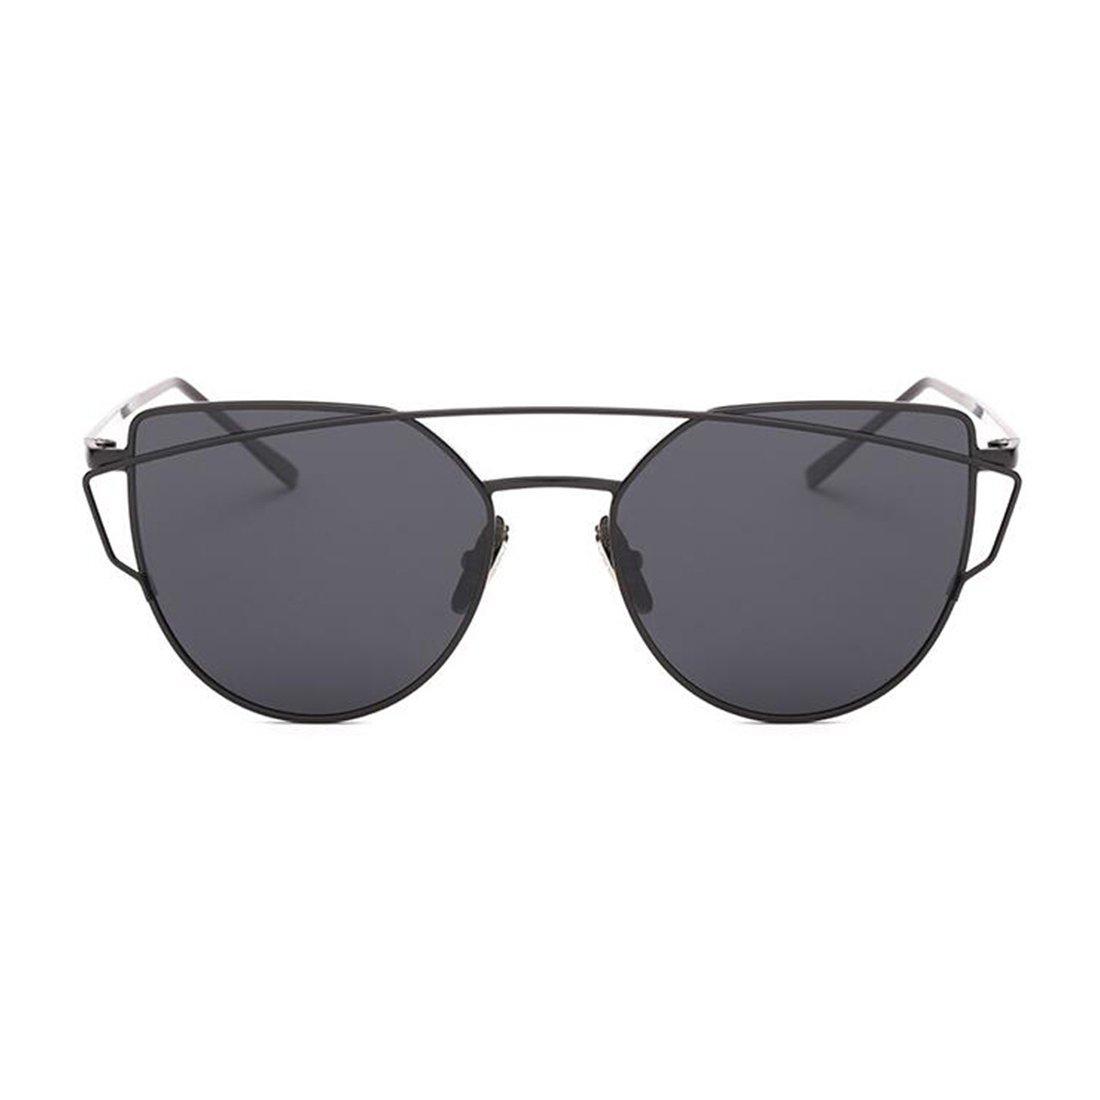 Retro Platz Flieger Sonnenbrille Premium Glas Linse Flach Metall Gläser Damen Herren(Gold/Grau) 2SQLM